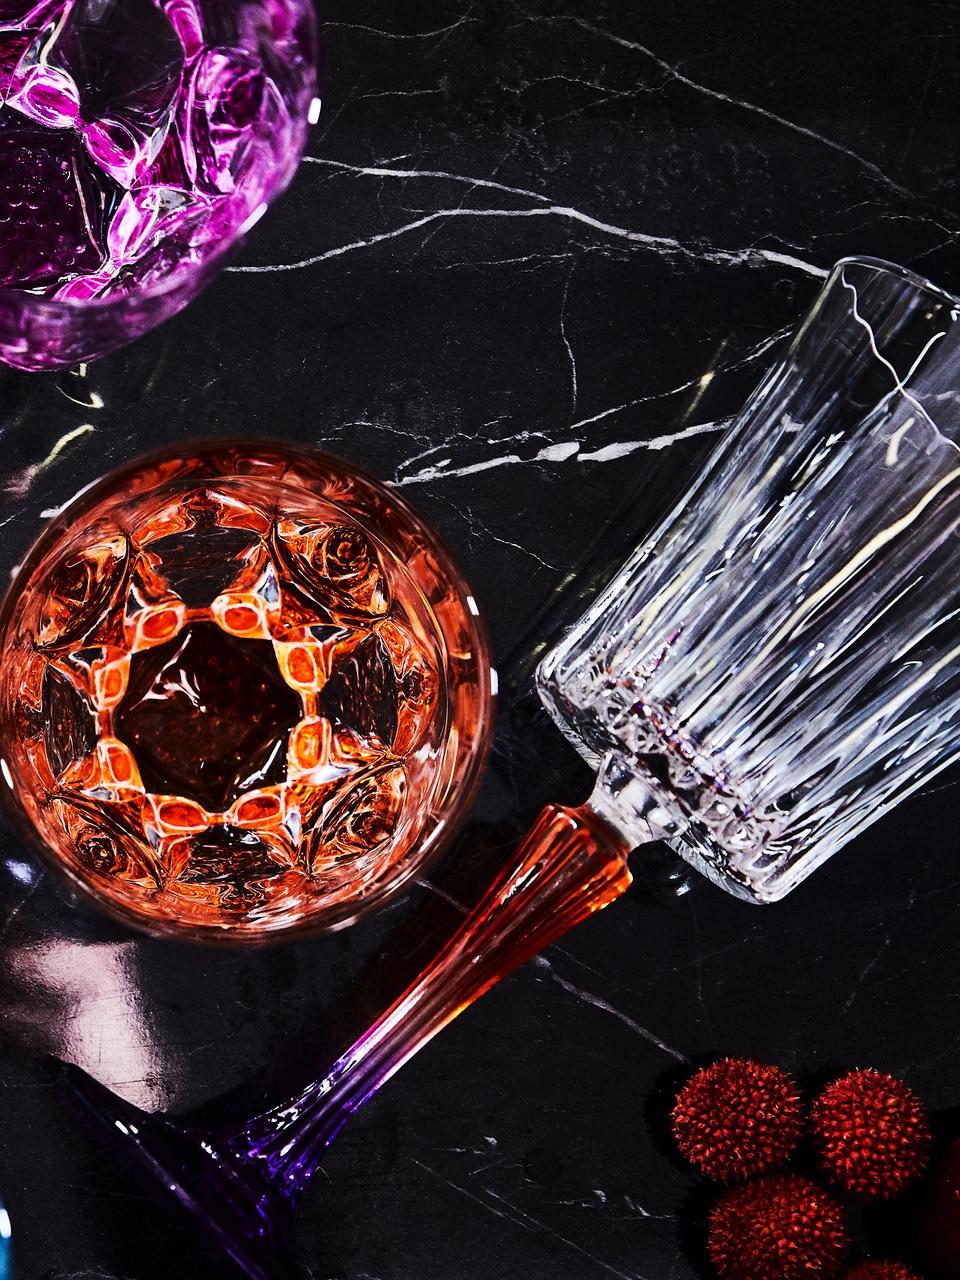 Kristall-Weißweingläser Gipsy mit zweifarbigem Stiel, 6er-Set, Luxion-Kristallglas, Transparent, Orange, Lila, Ø 9 x H 21 cm